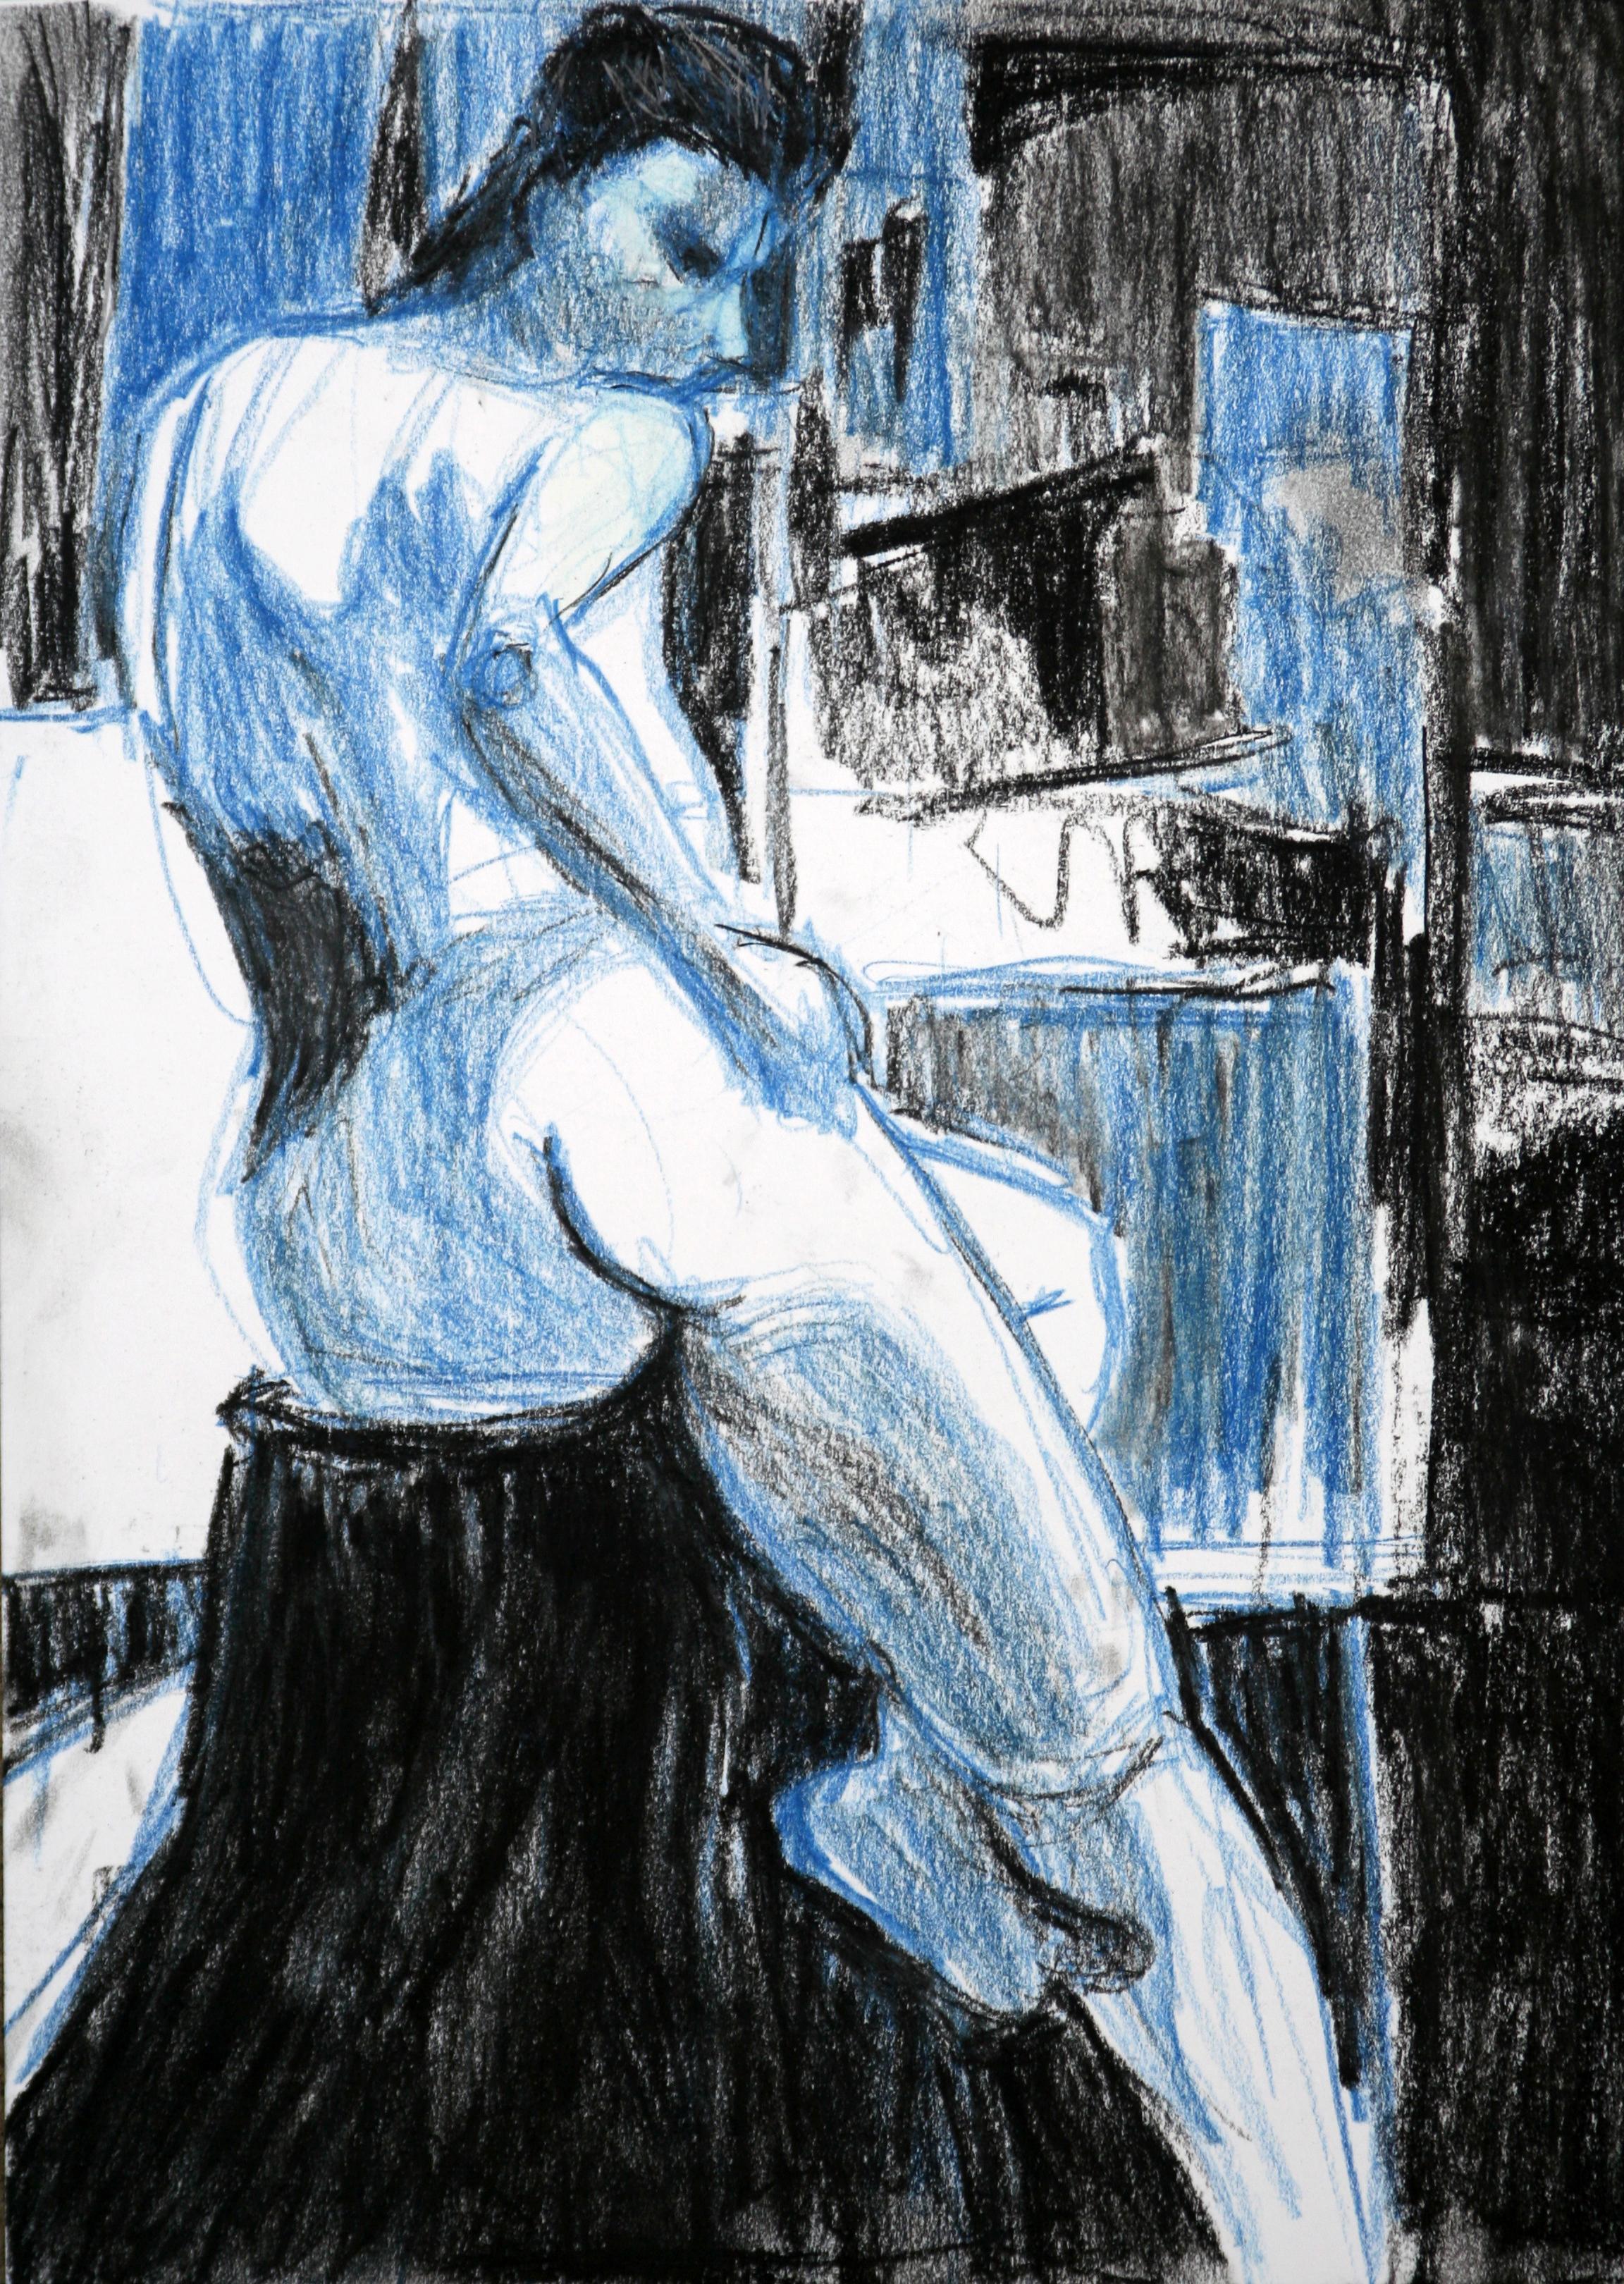 Blue Attitude - SOLD